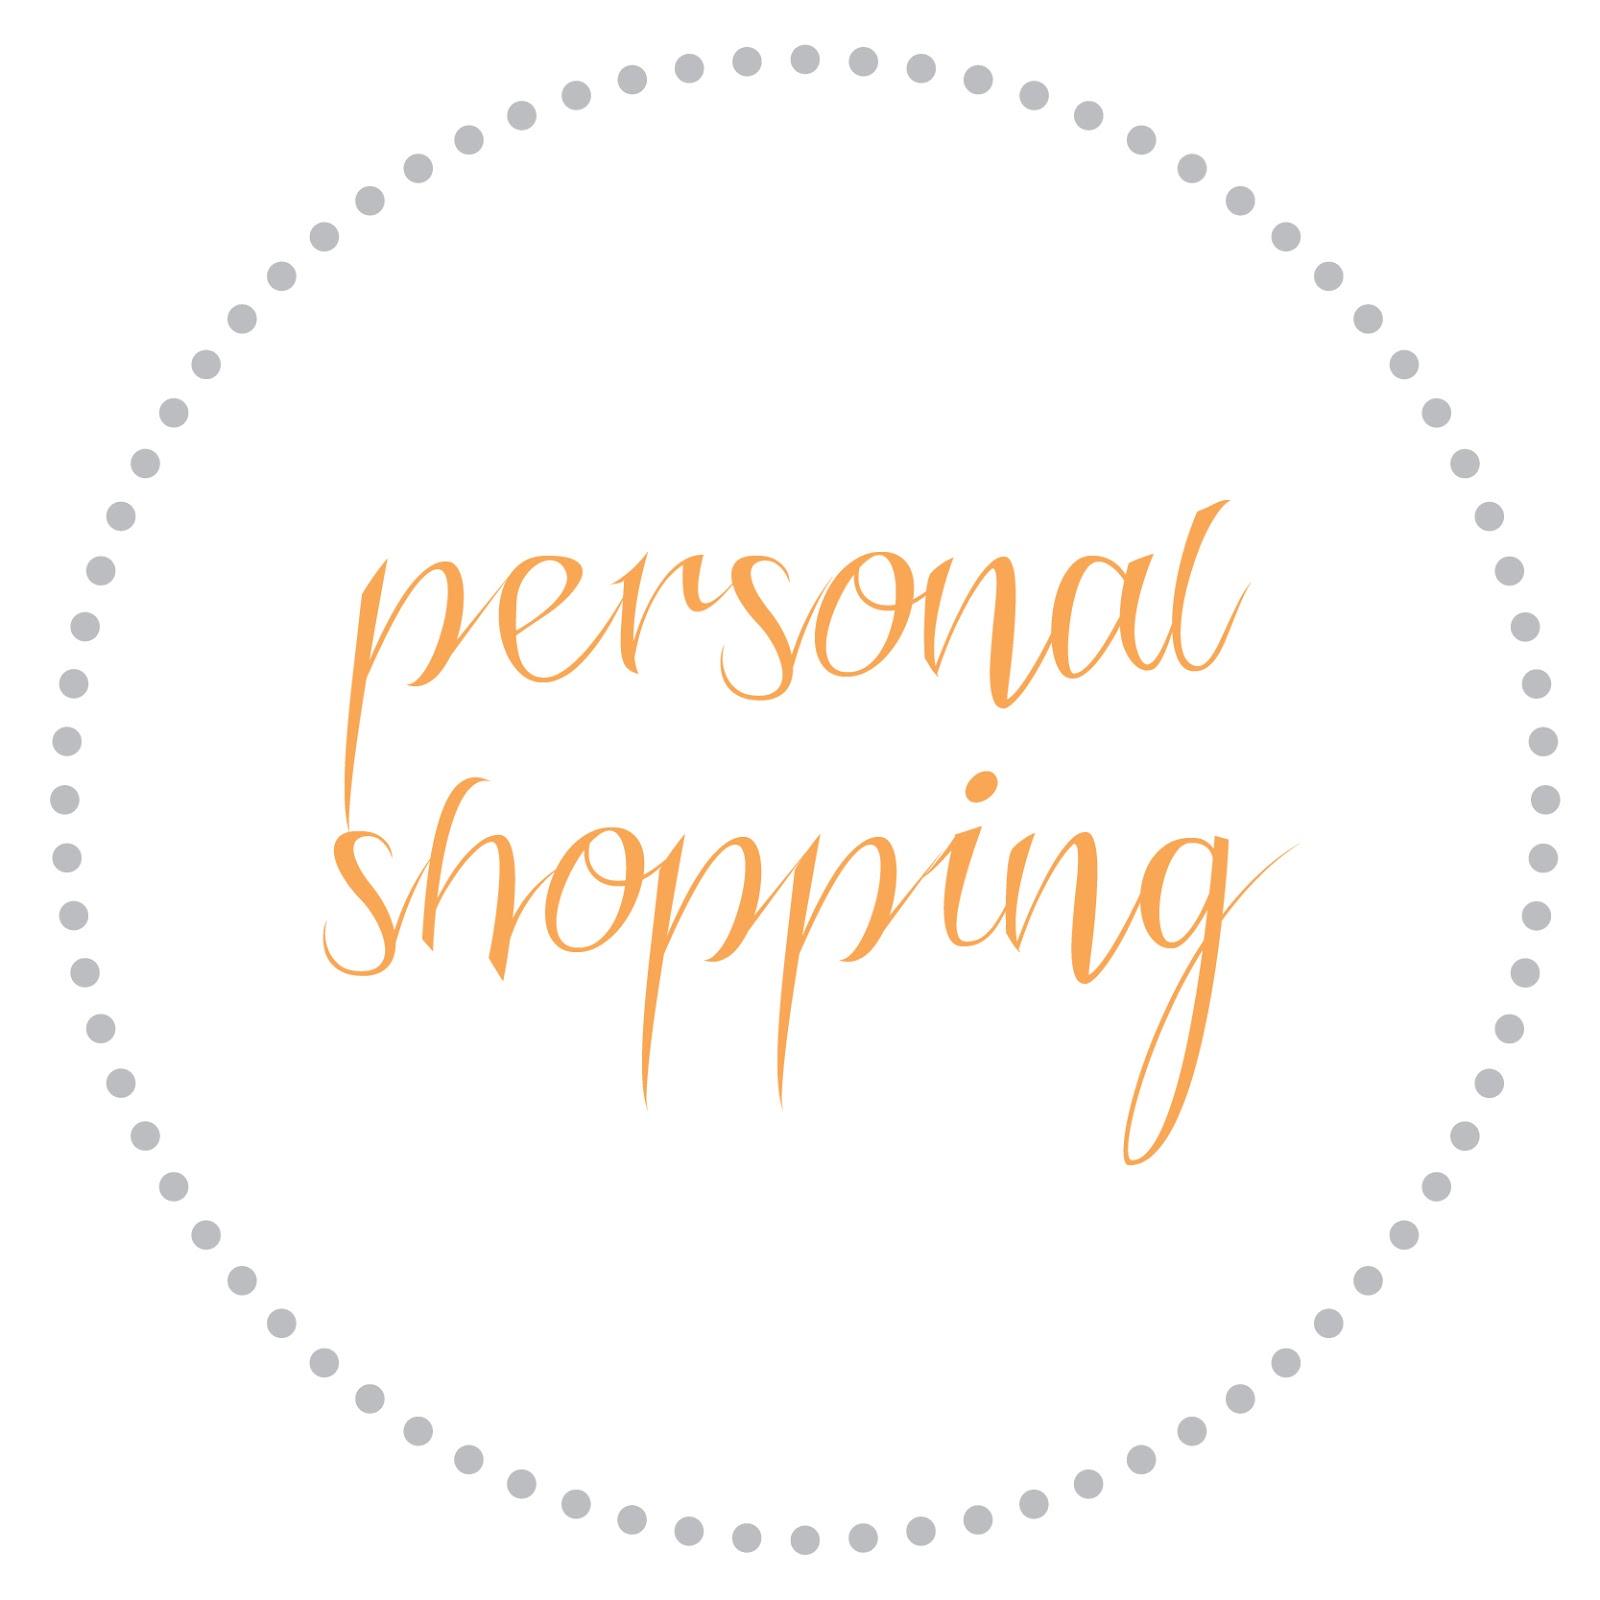 Boutique trias 8808 pf ffikon schwyz modegesch ft - Home personal shopper ...